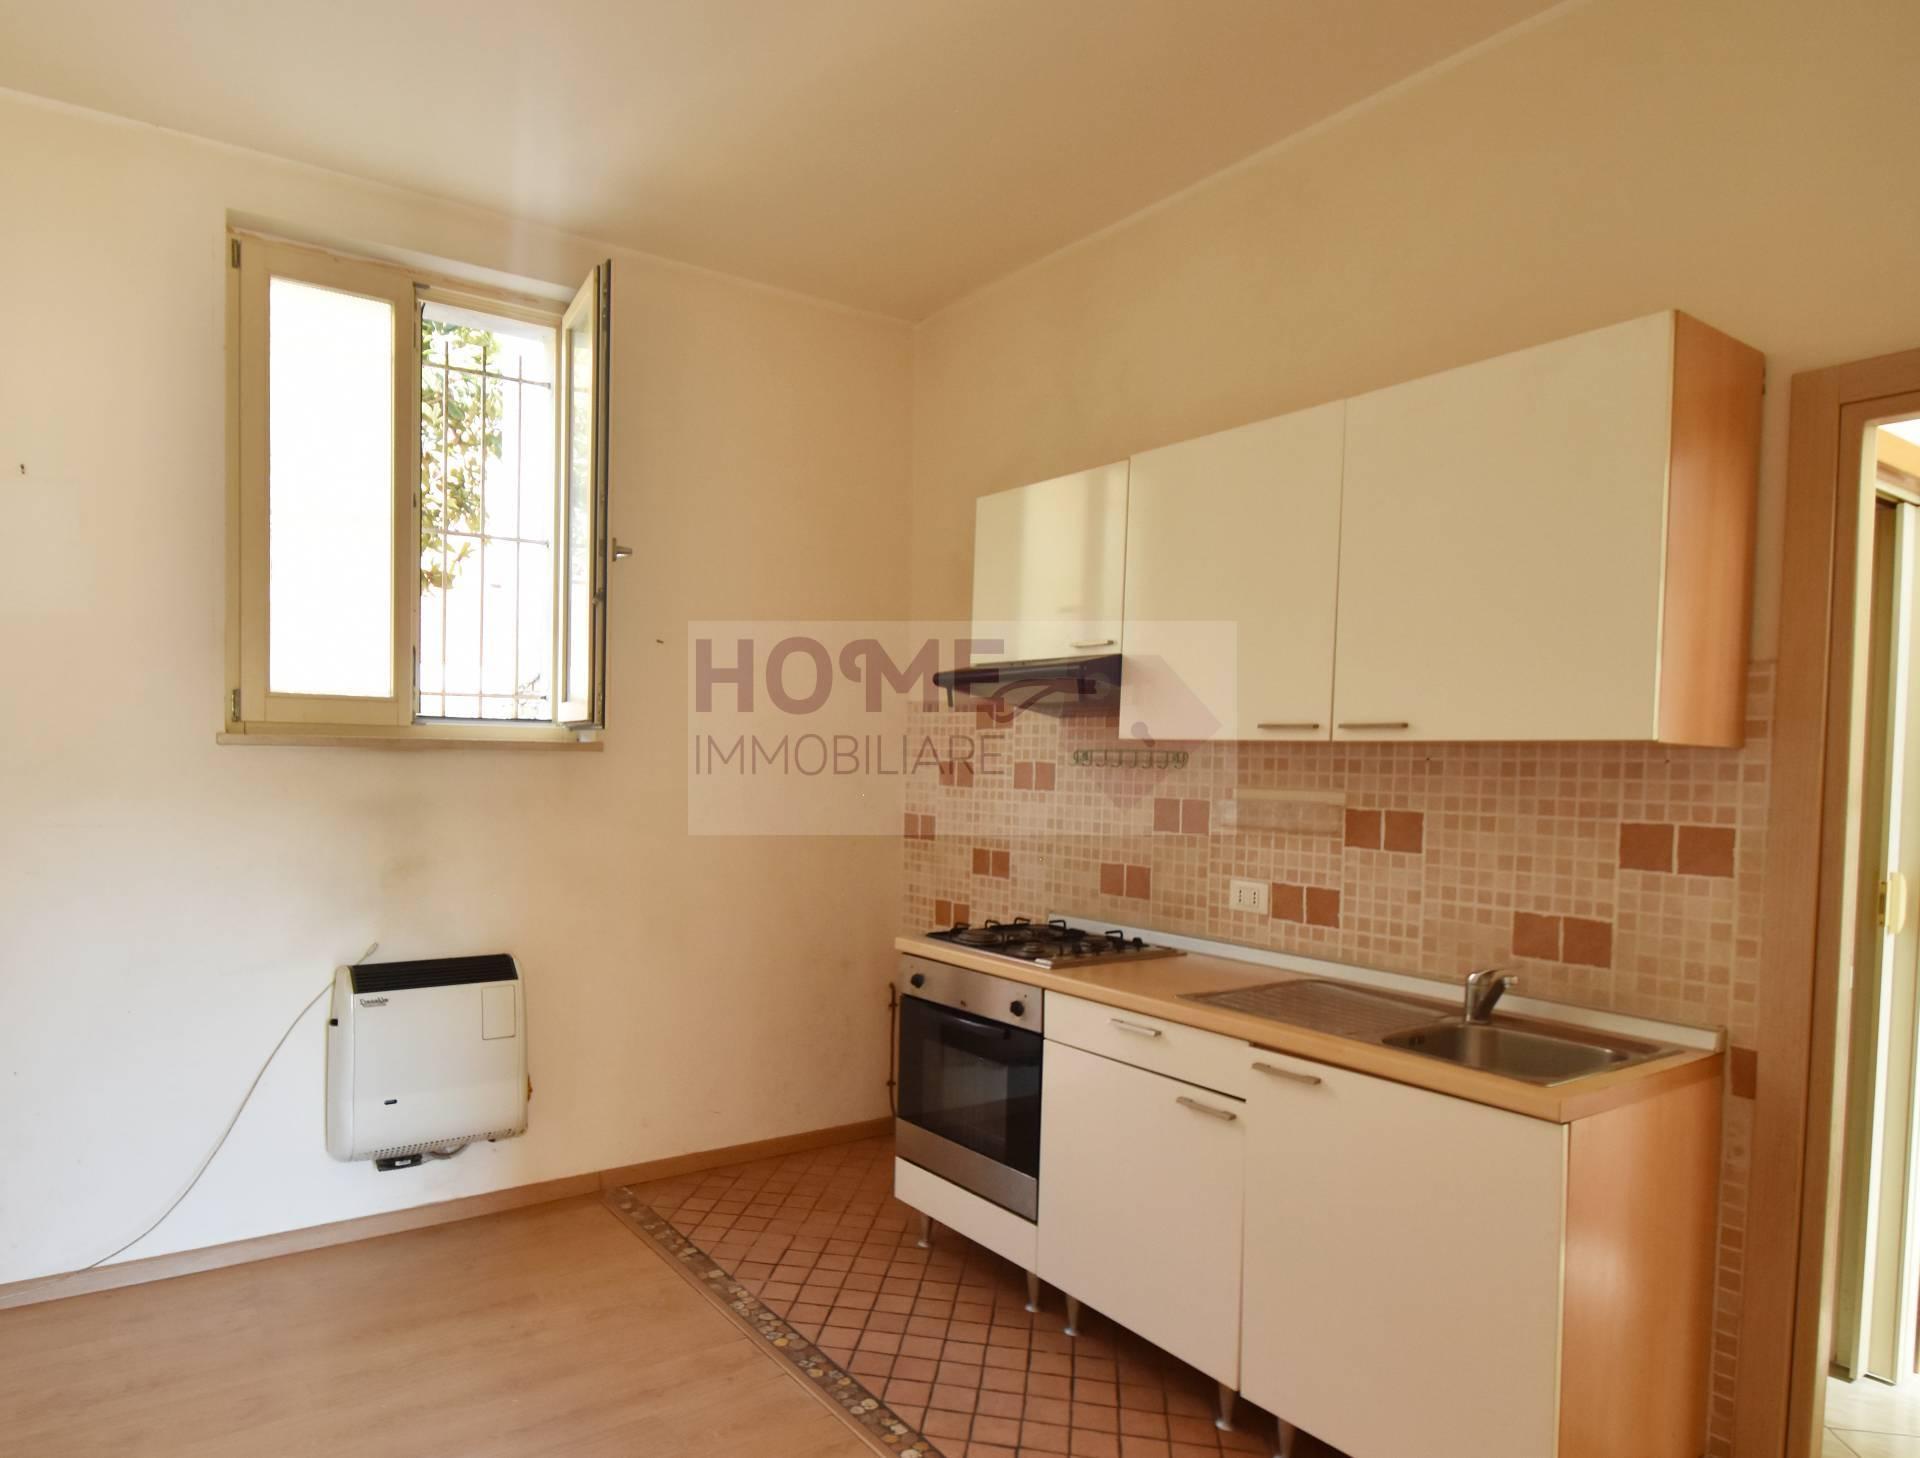 macerata affitto quart: semicentrale home immobiliare srl